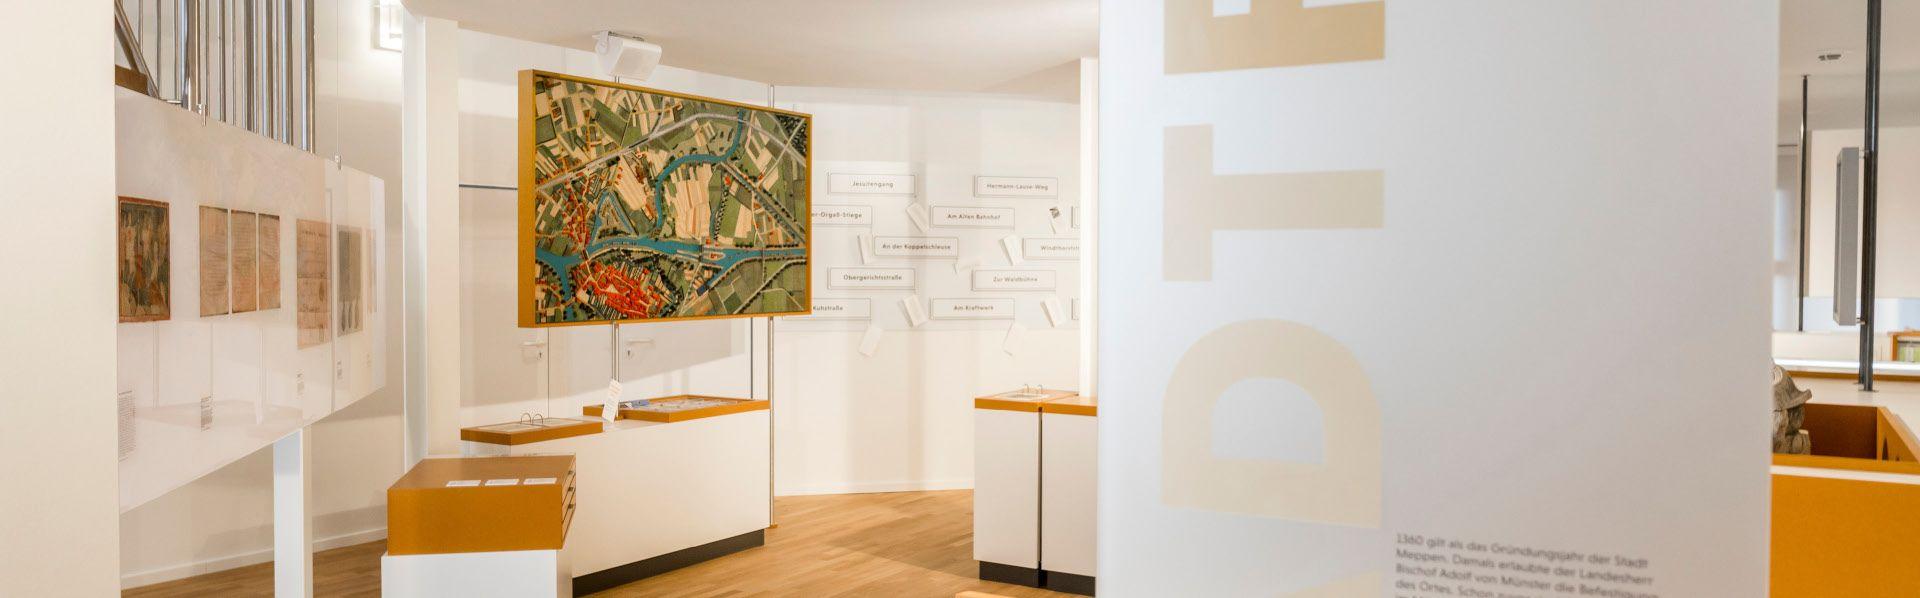 Stadtmuseum Unser Museum